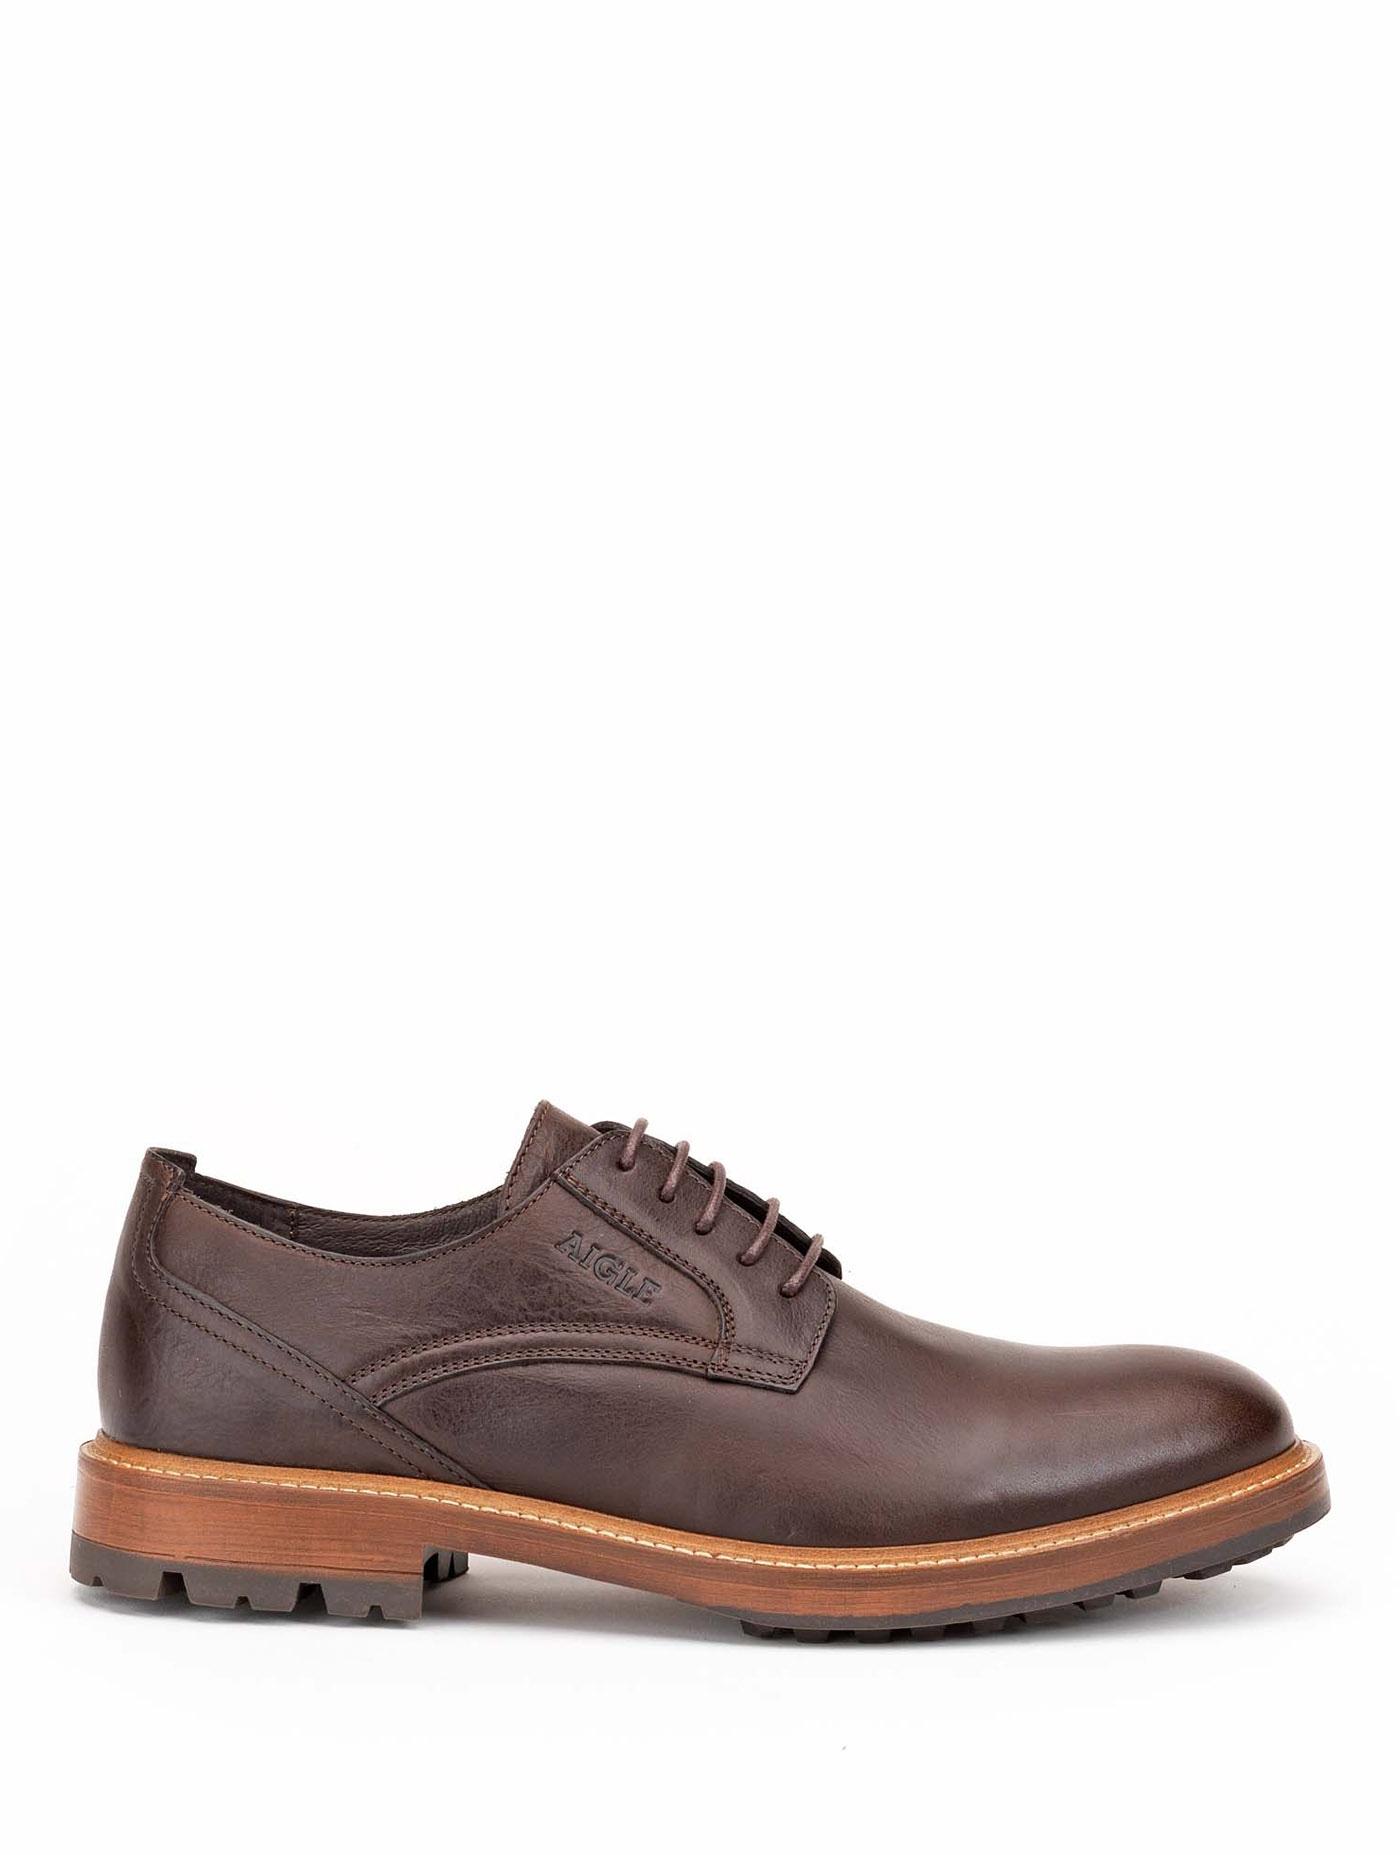 Chaussures et bottines en cuir homme | AIGLE